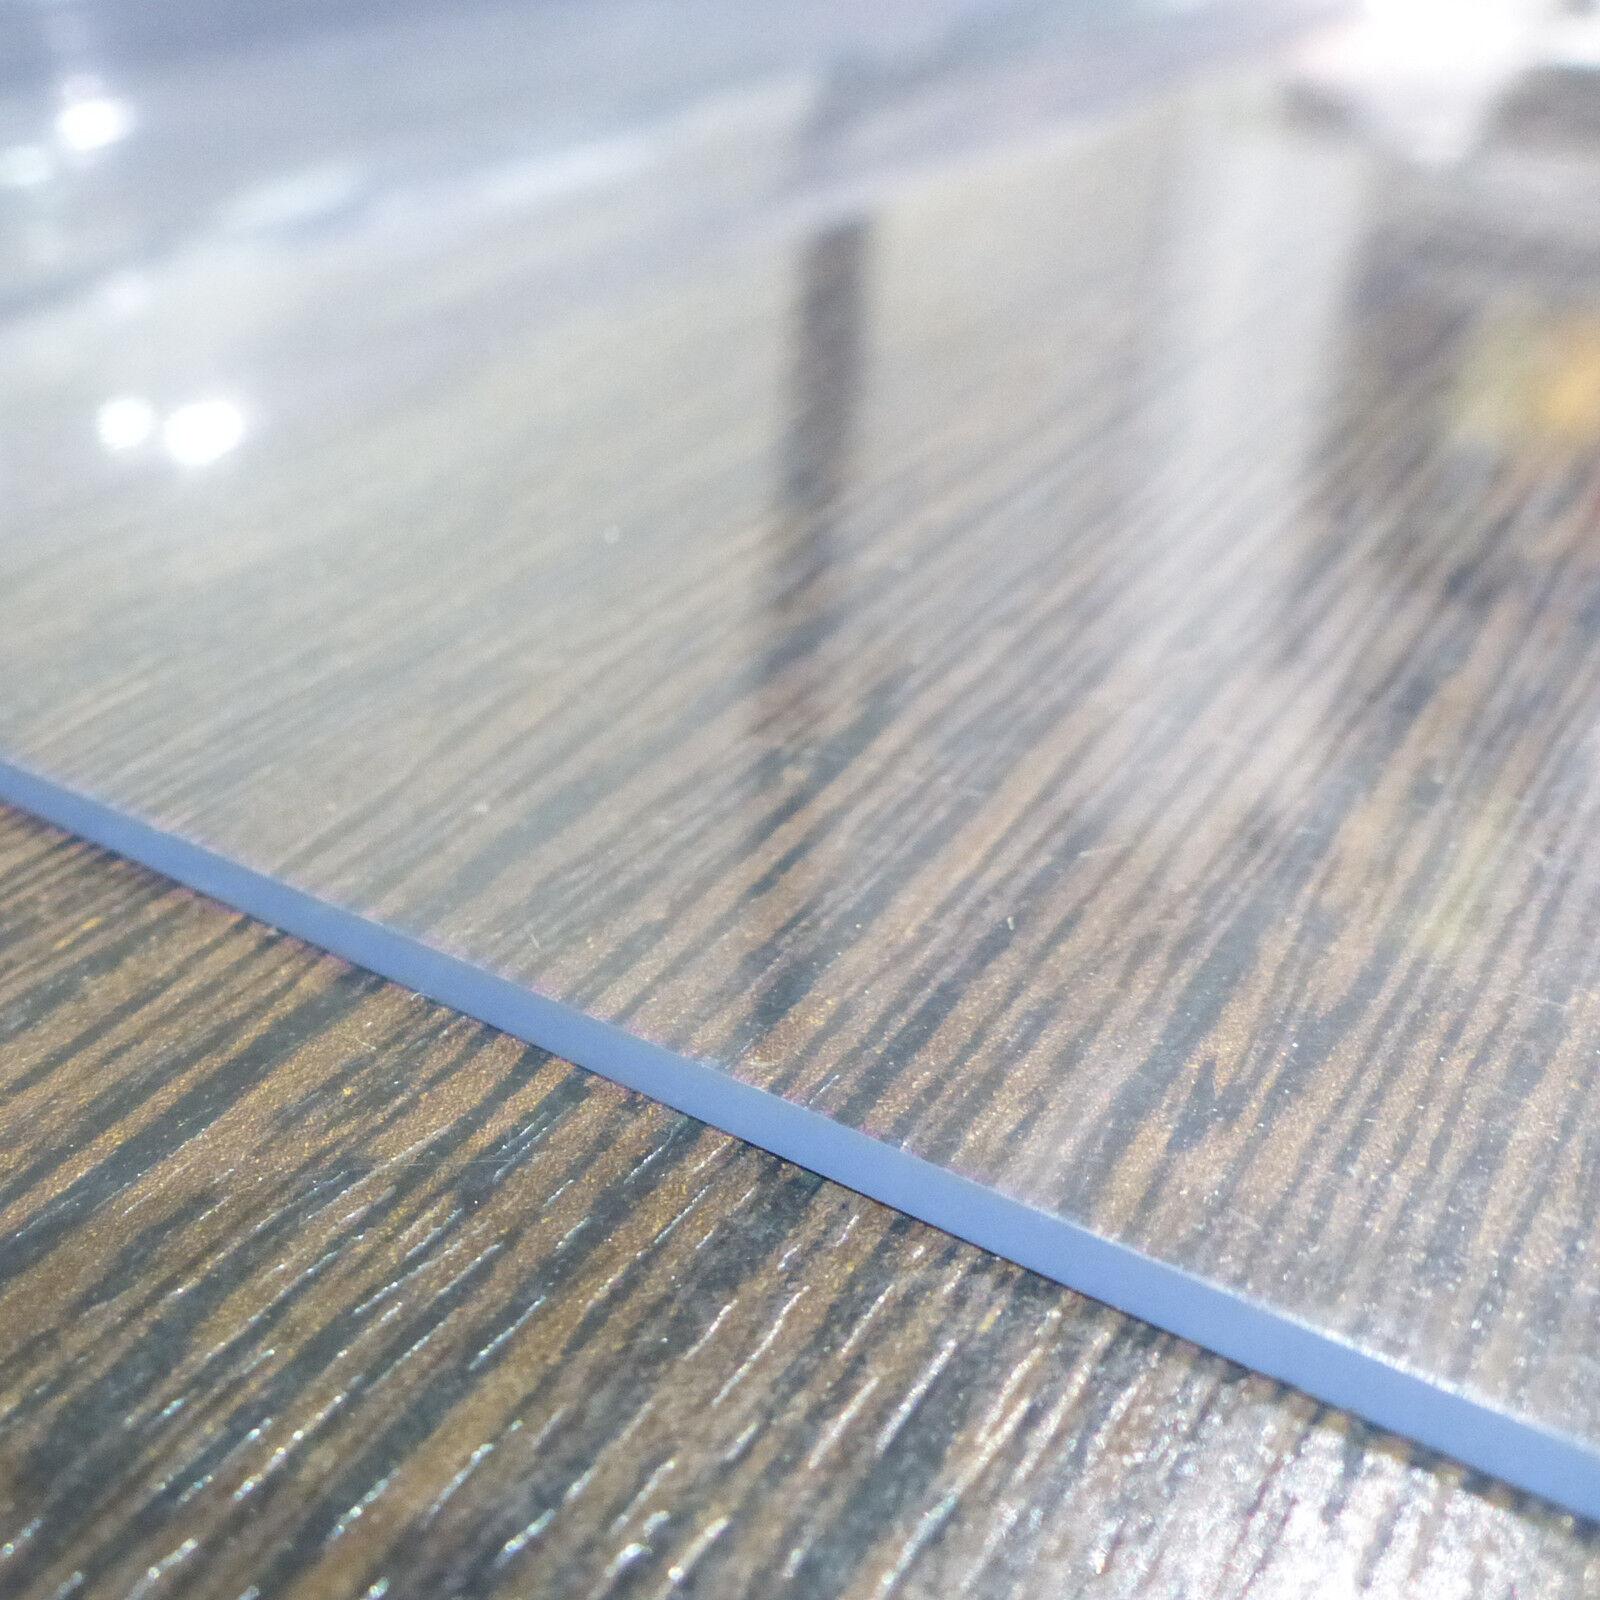 tischfolie pvc 2mm tischdecke schutzfolie transparent 80cm90cm100cm120cm breit eur 10 10. Black Bedroom Furniture Sets. Home Design Ideas